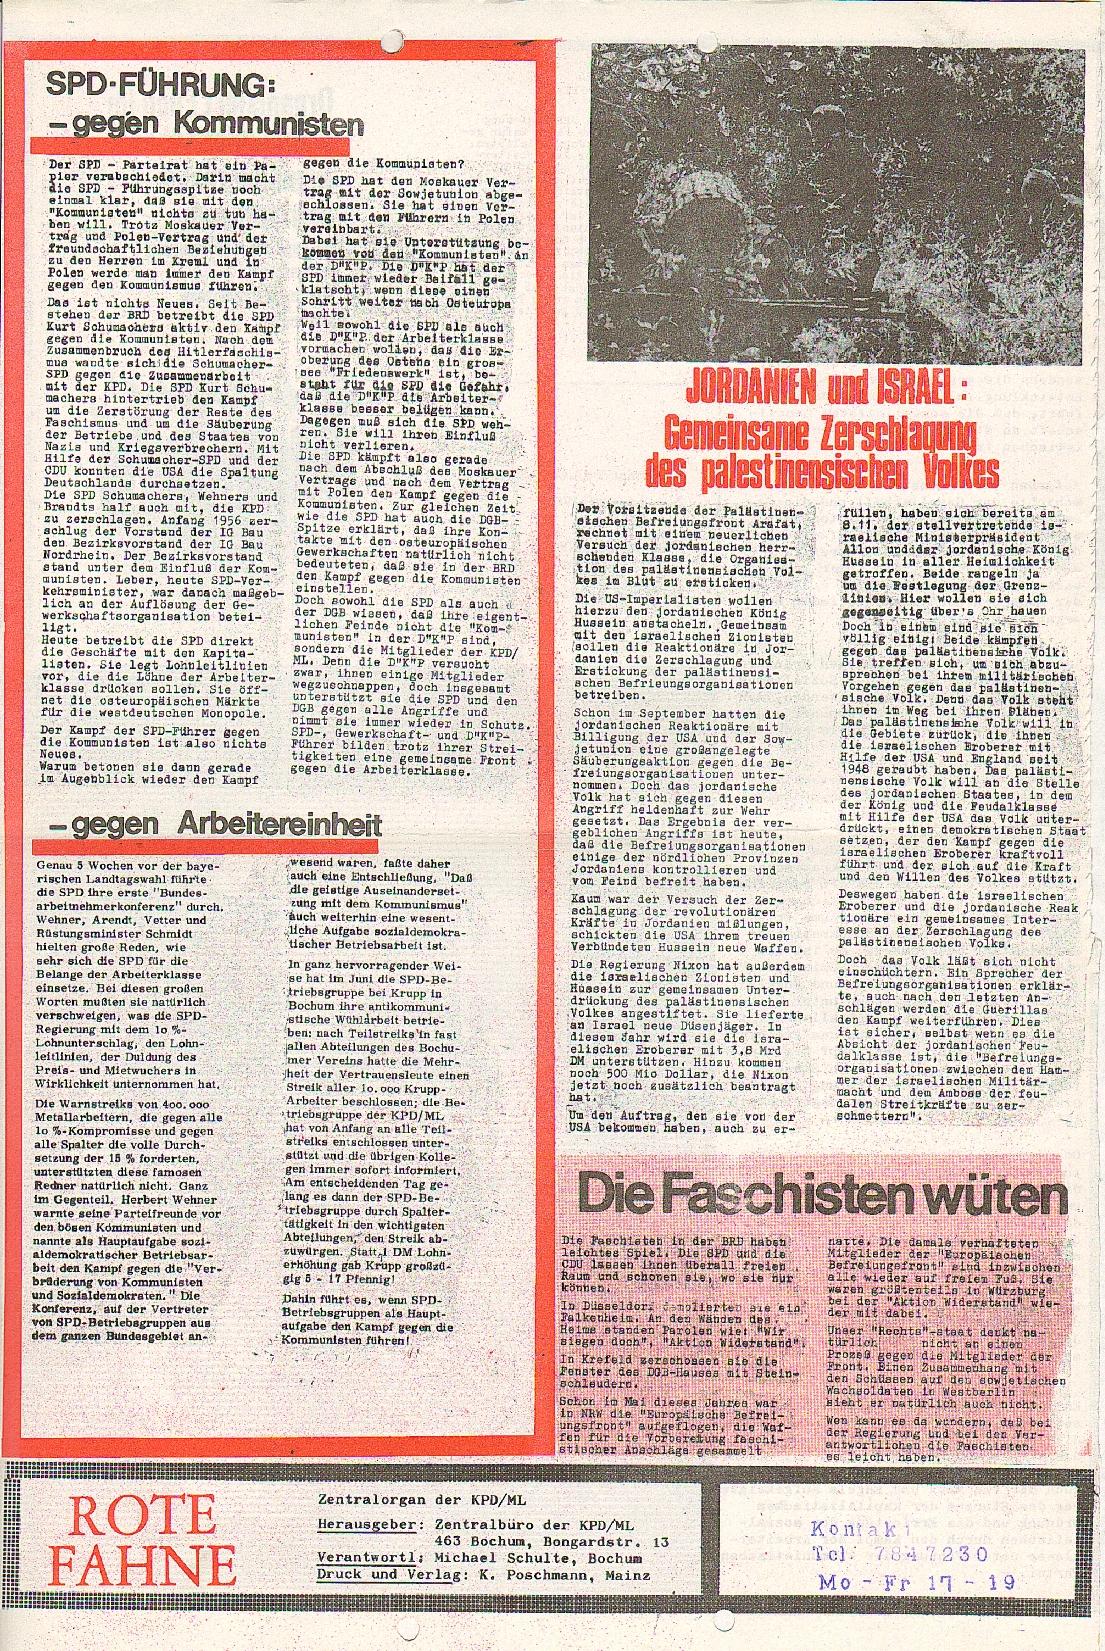 Rote Fahne, 1. Jg., 7.12.1970, Nr. 5, Seite 8